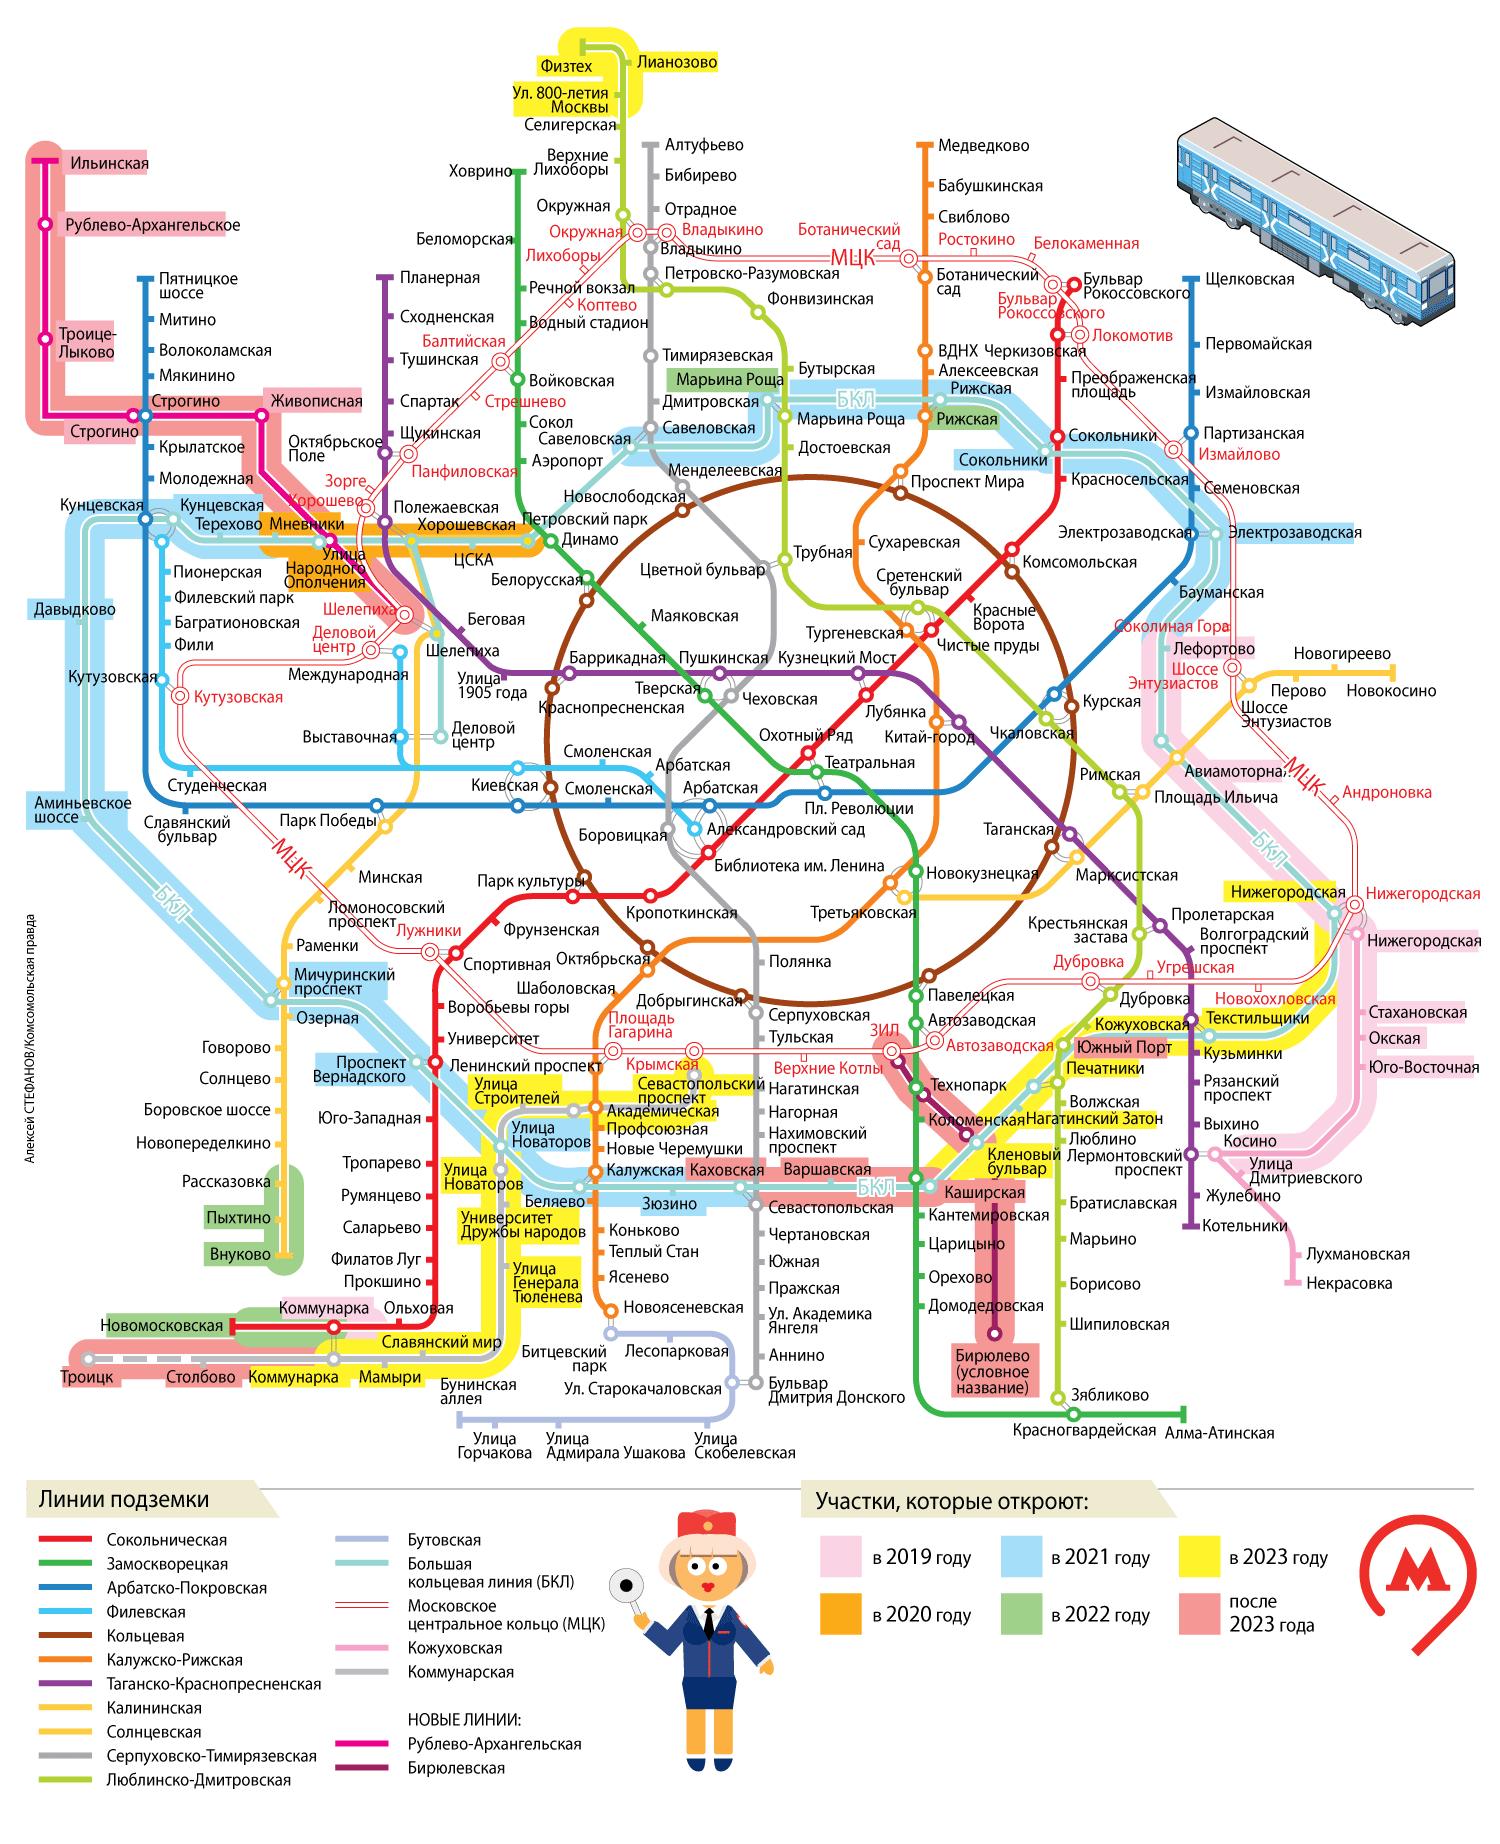 карта схема города москвы метро